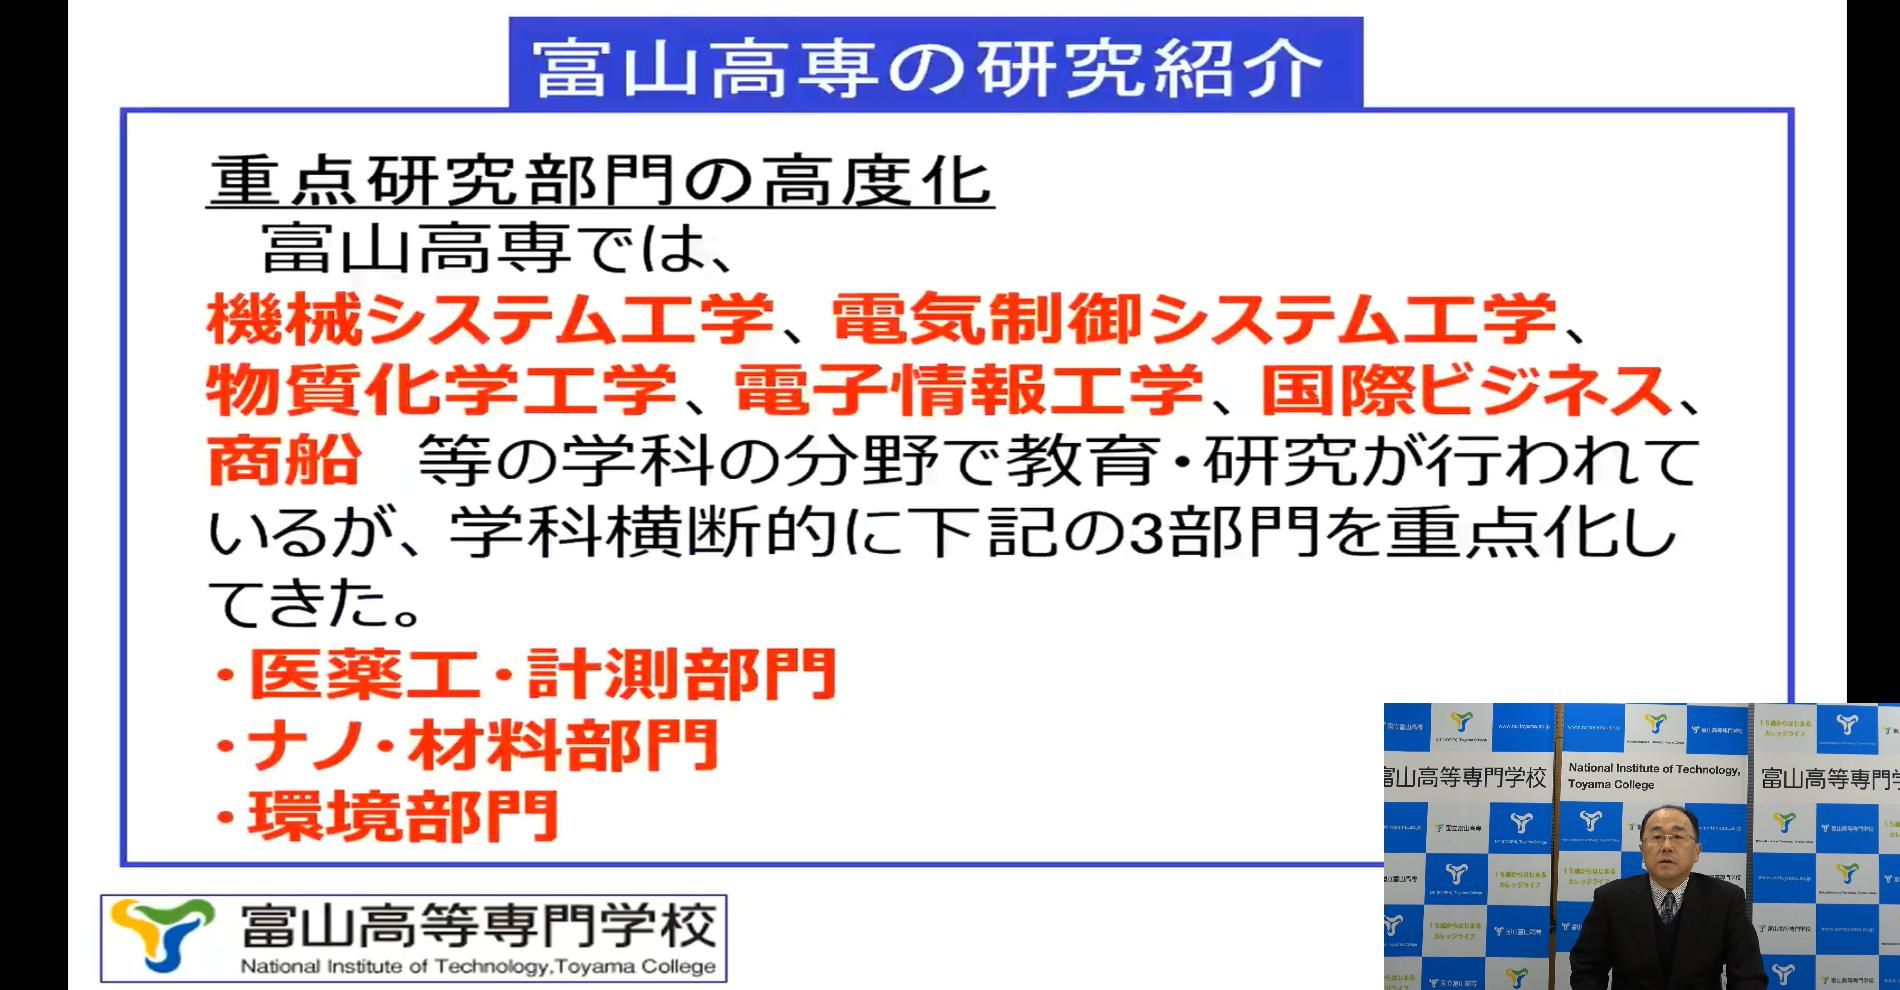 長岡技術科学大学主催の産学連携フォーラム「技術連携説明会」で本校を紹介しました。